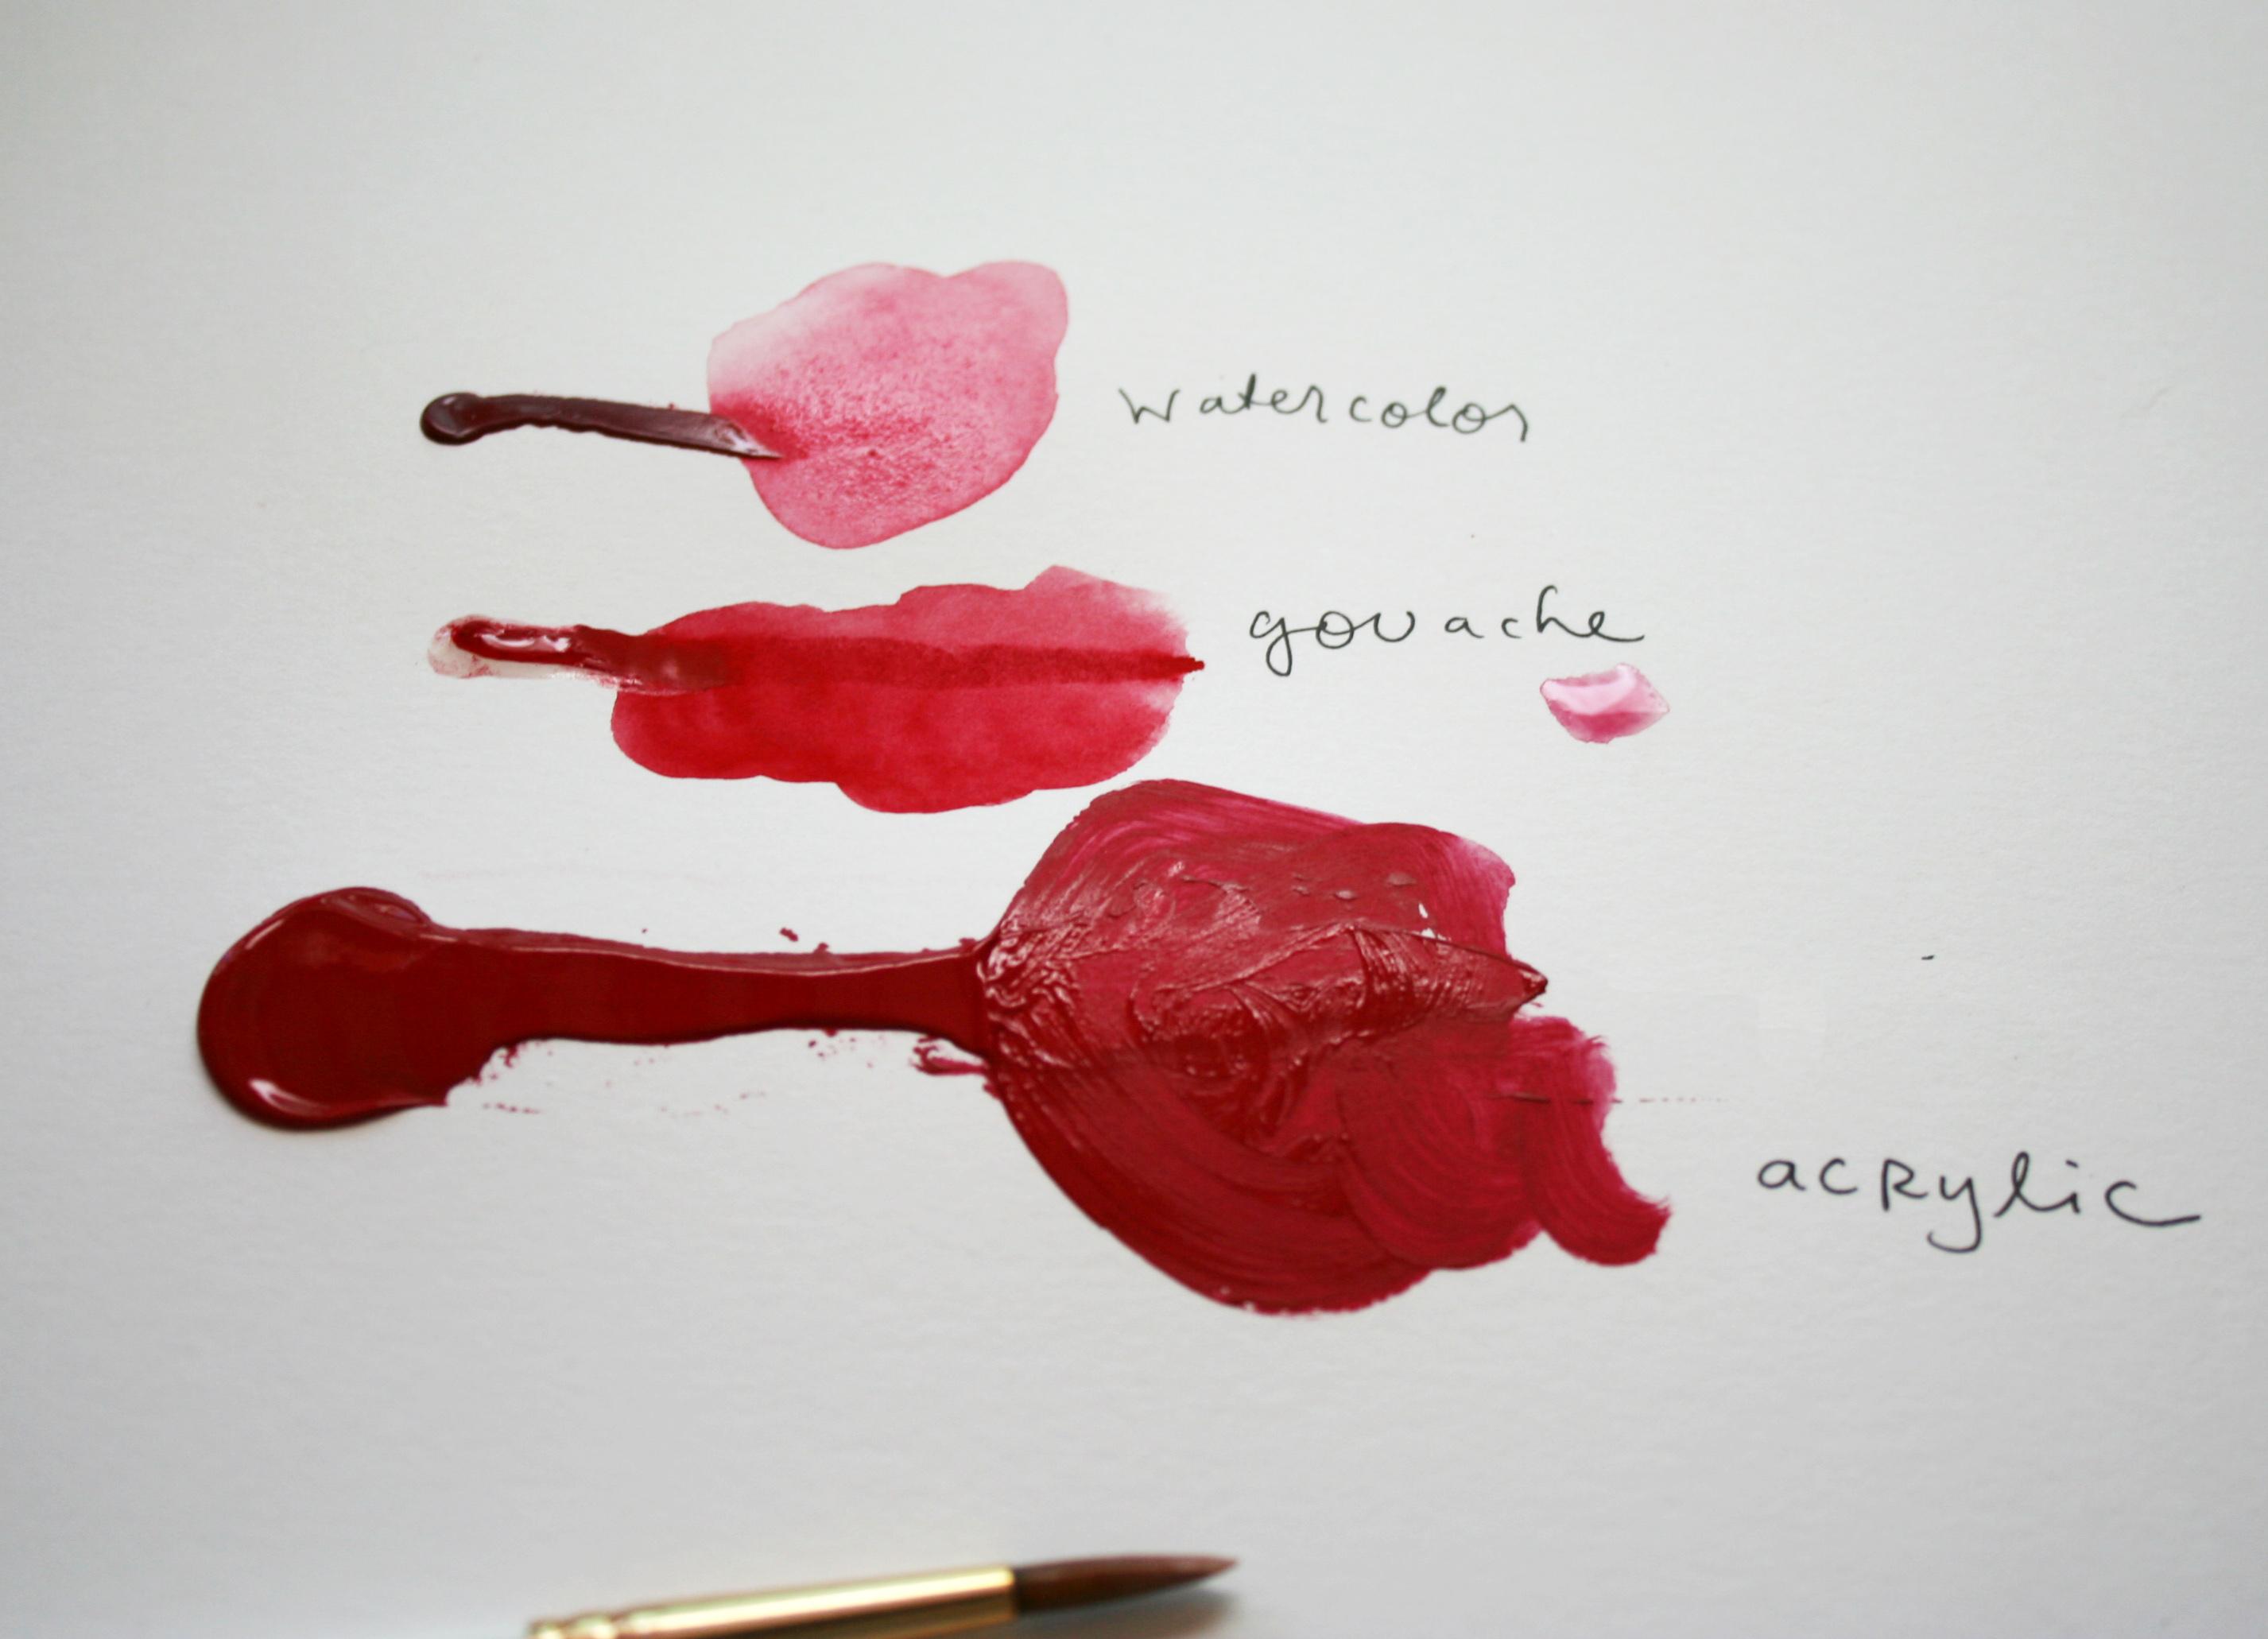 Gouache versus other paints